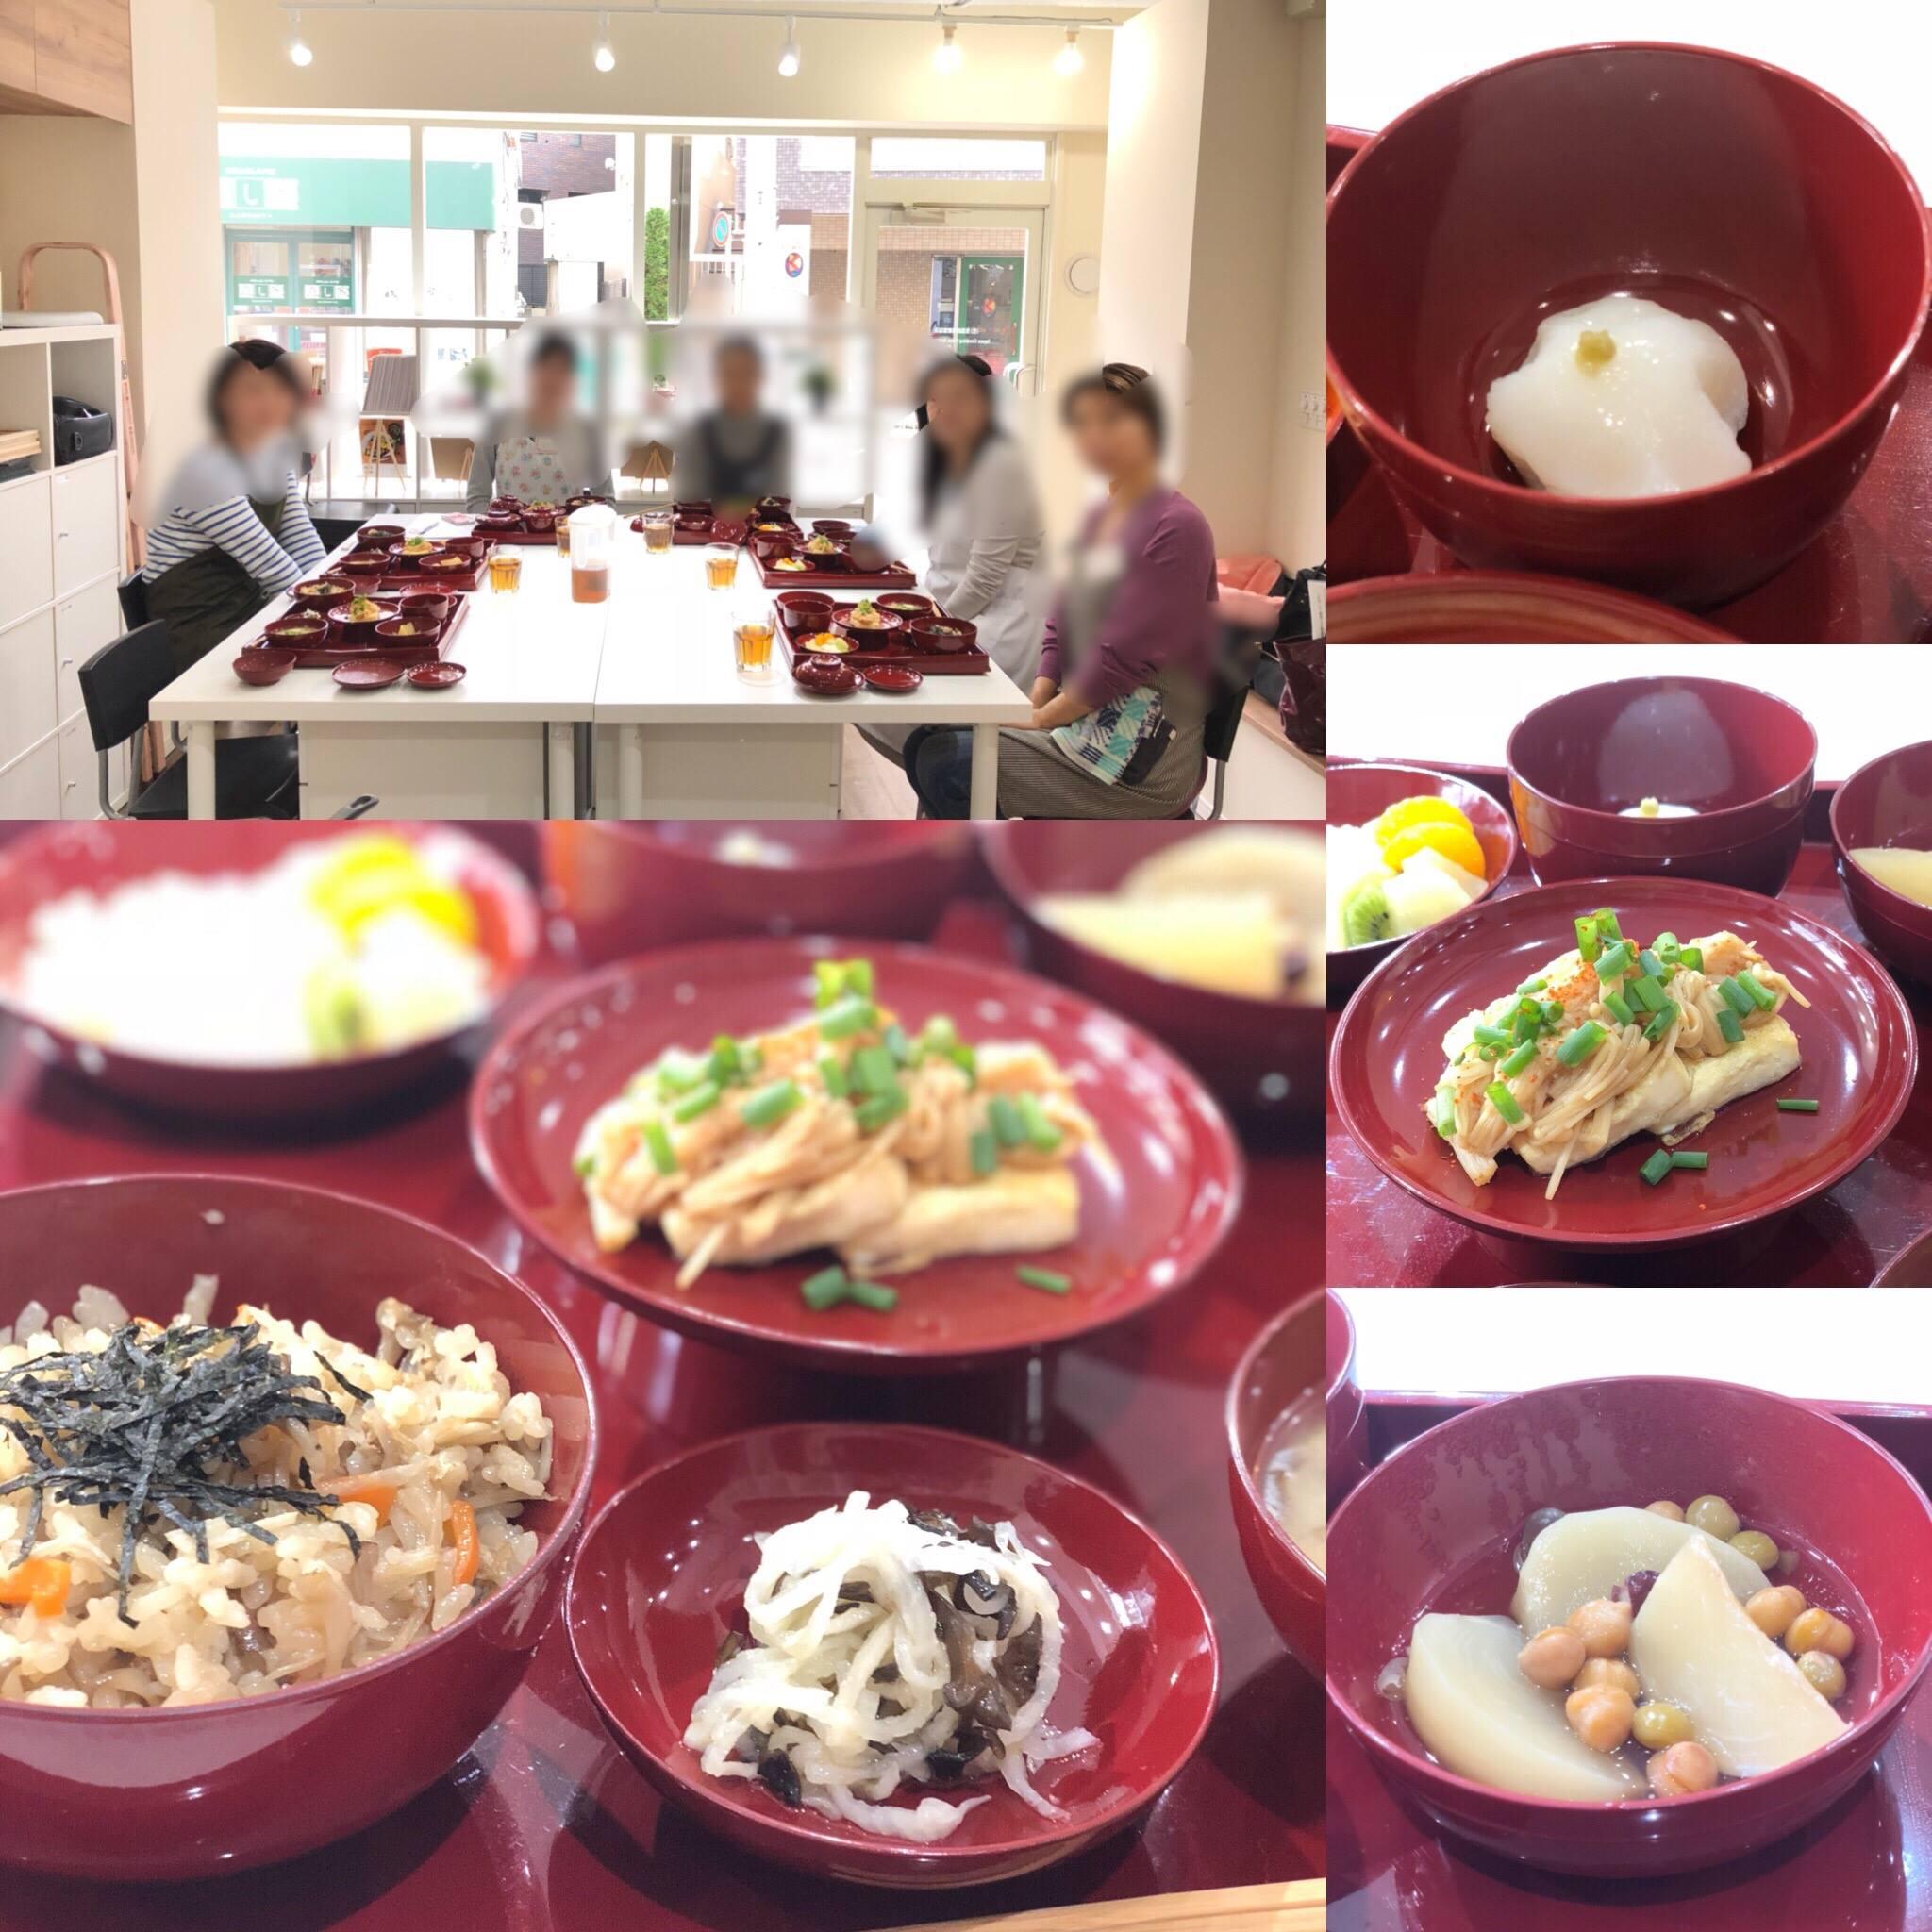 (和ごはん研究会)-活動報告-「伝統精進料理教室」開催しました!